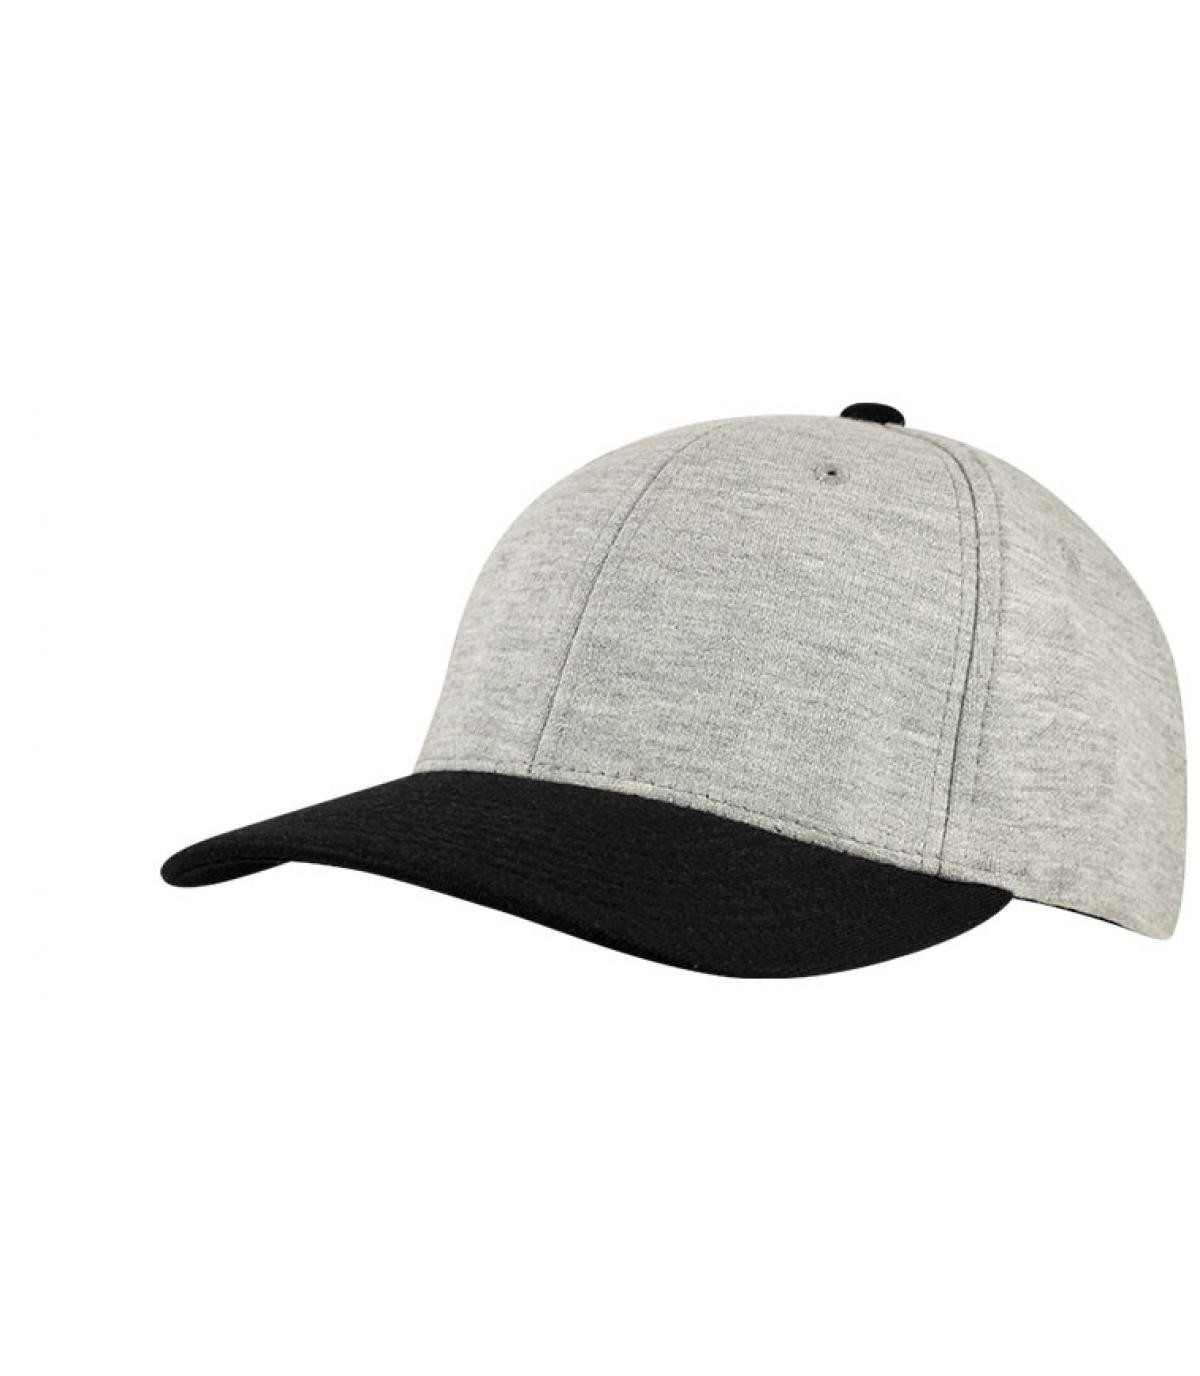 Détails Casquette jersey gris noir - image 3